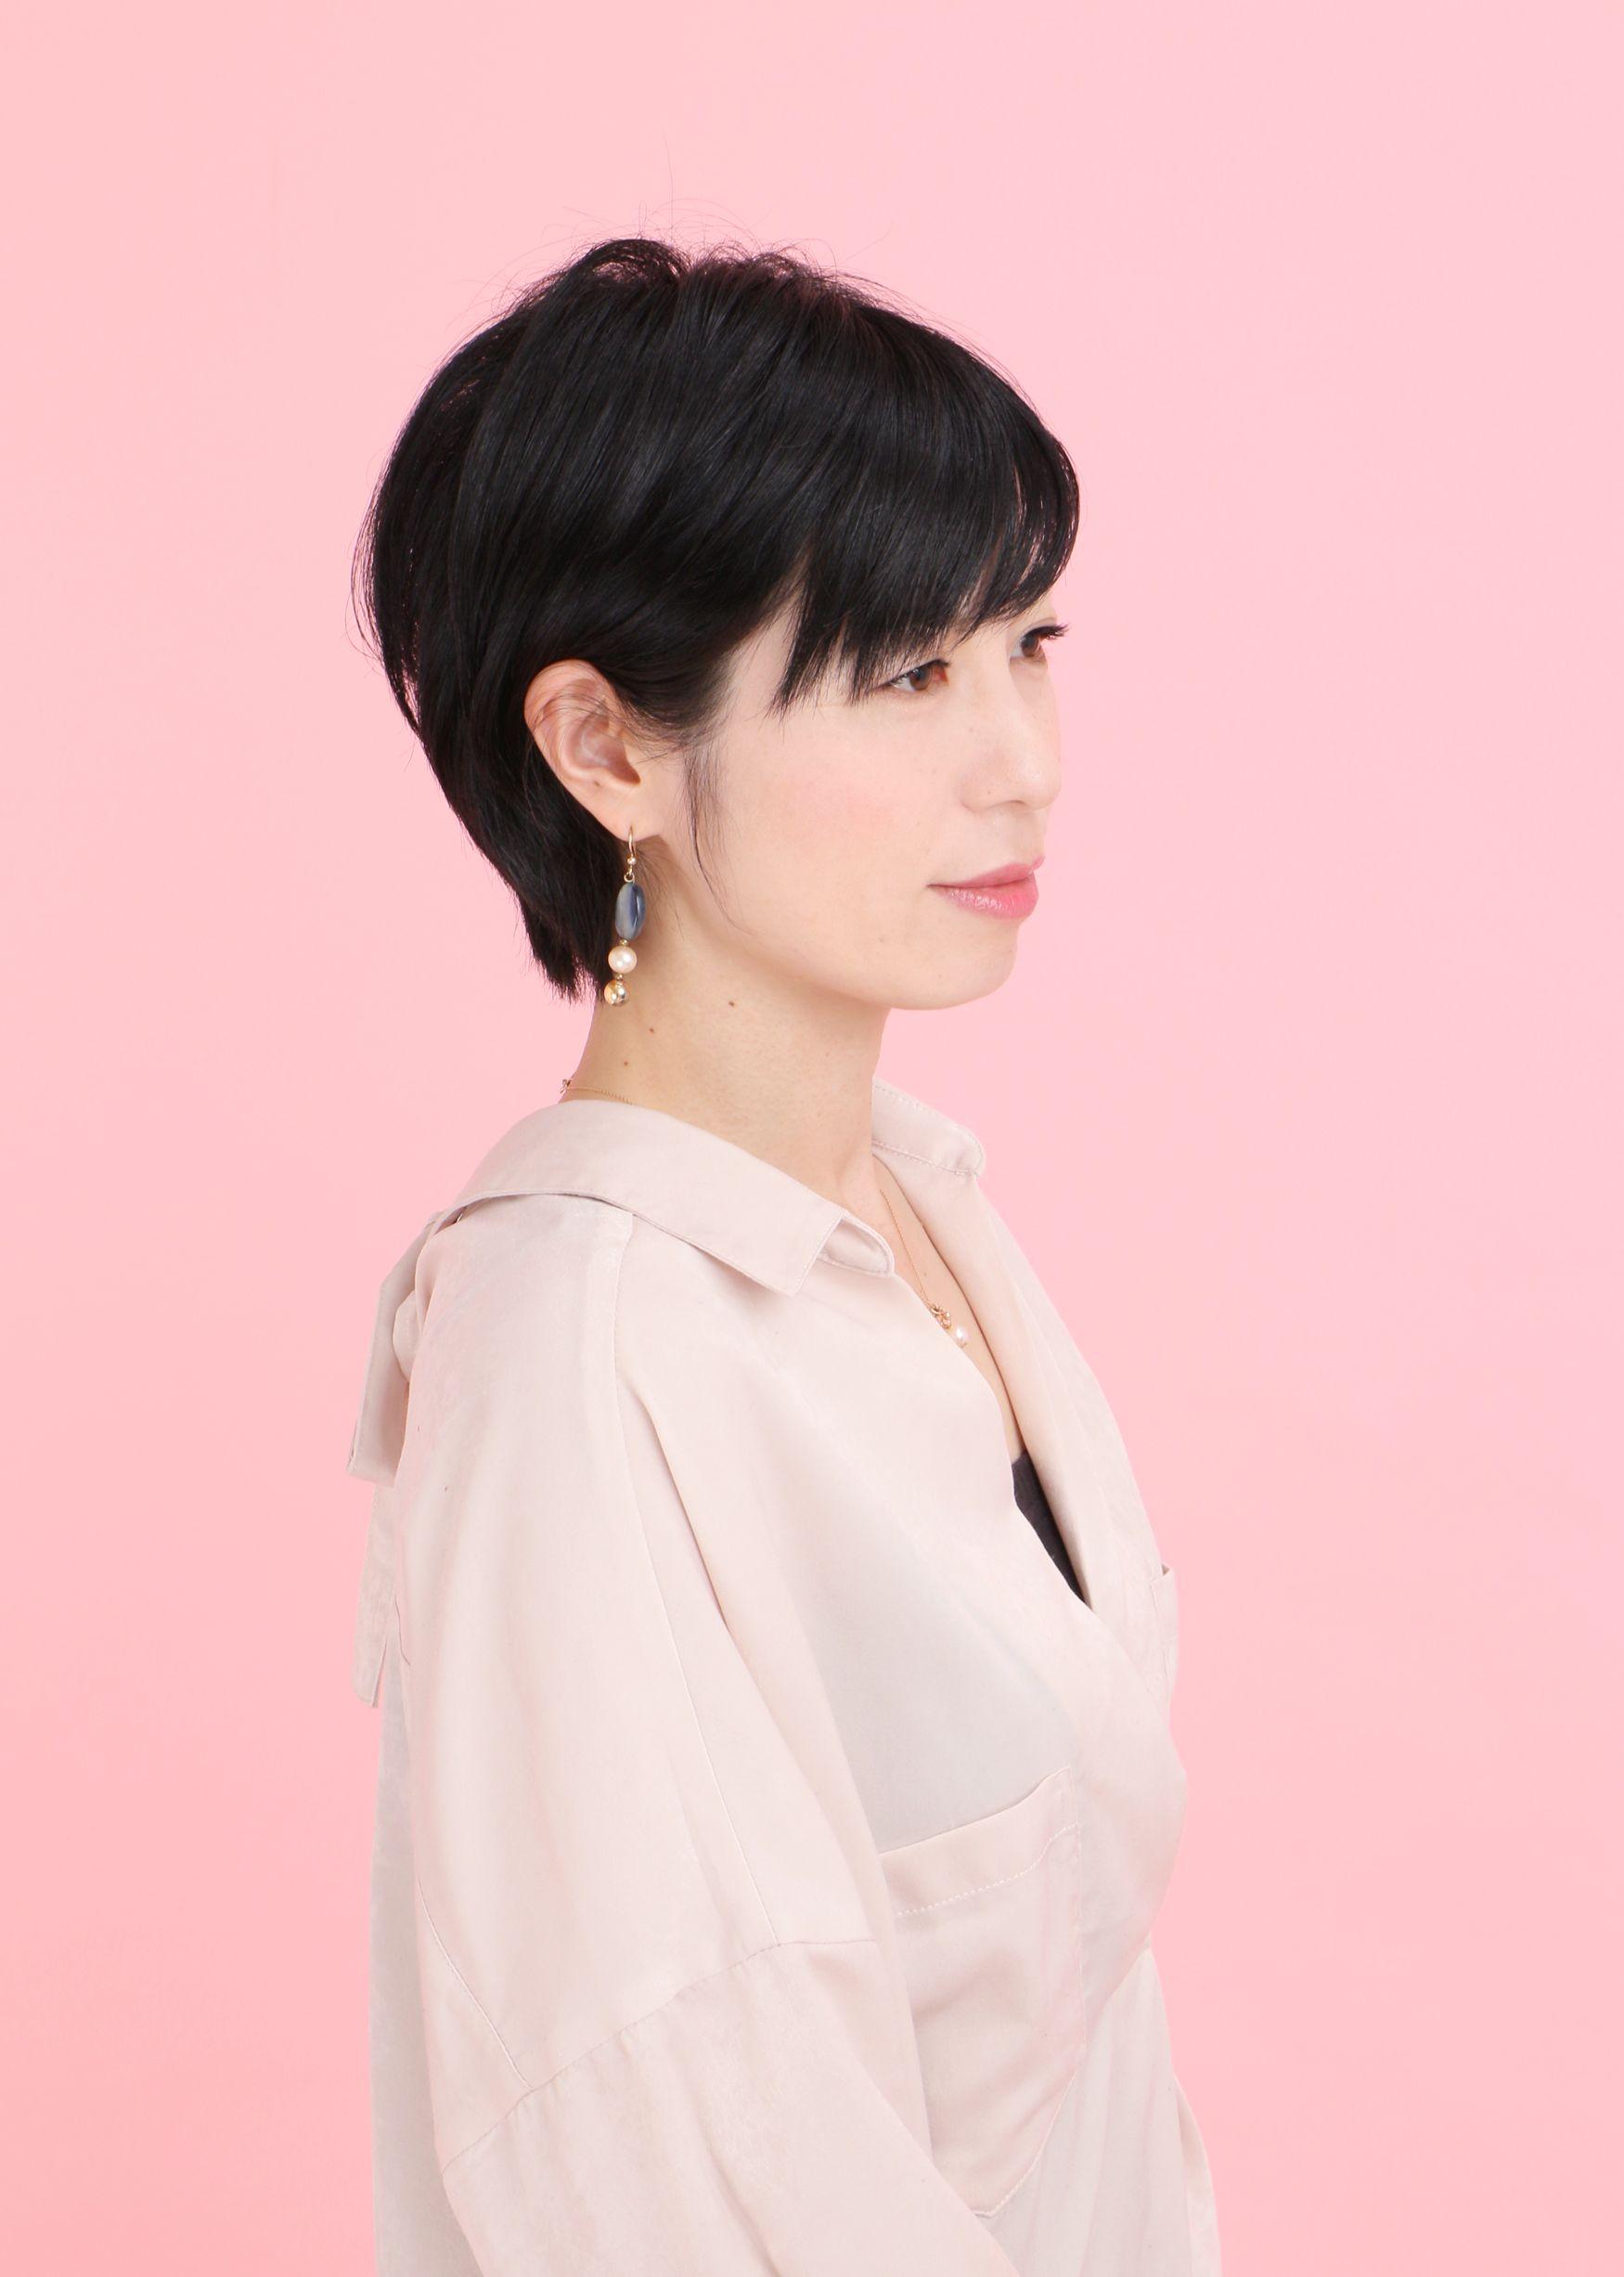 美遊樹(みゆき)